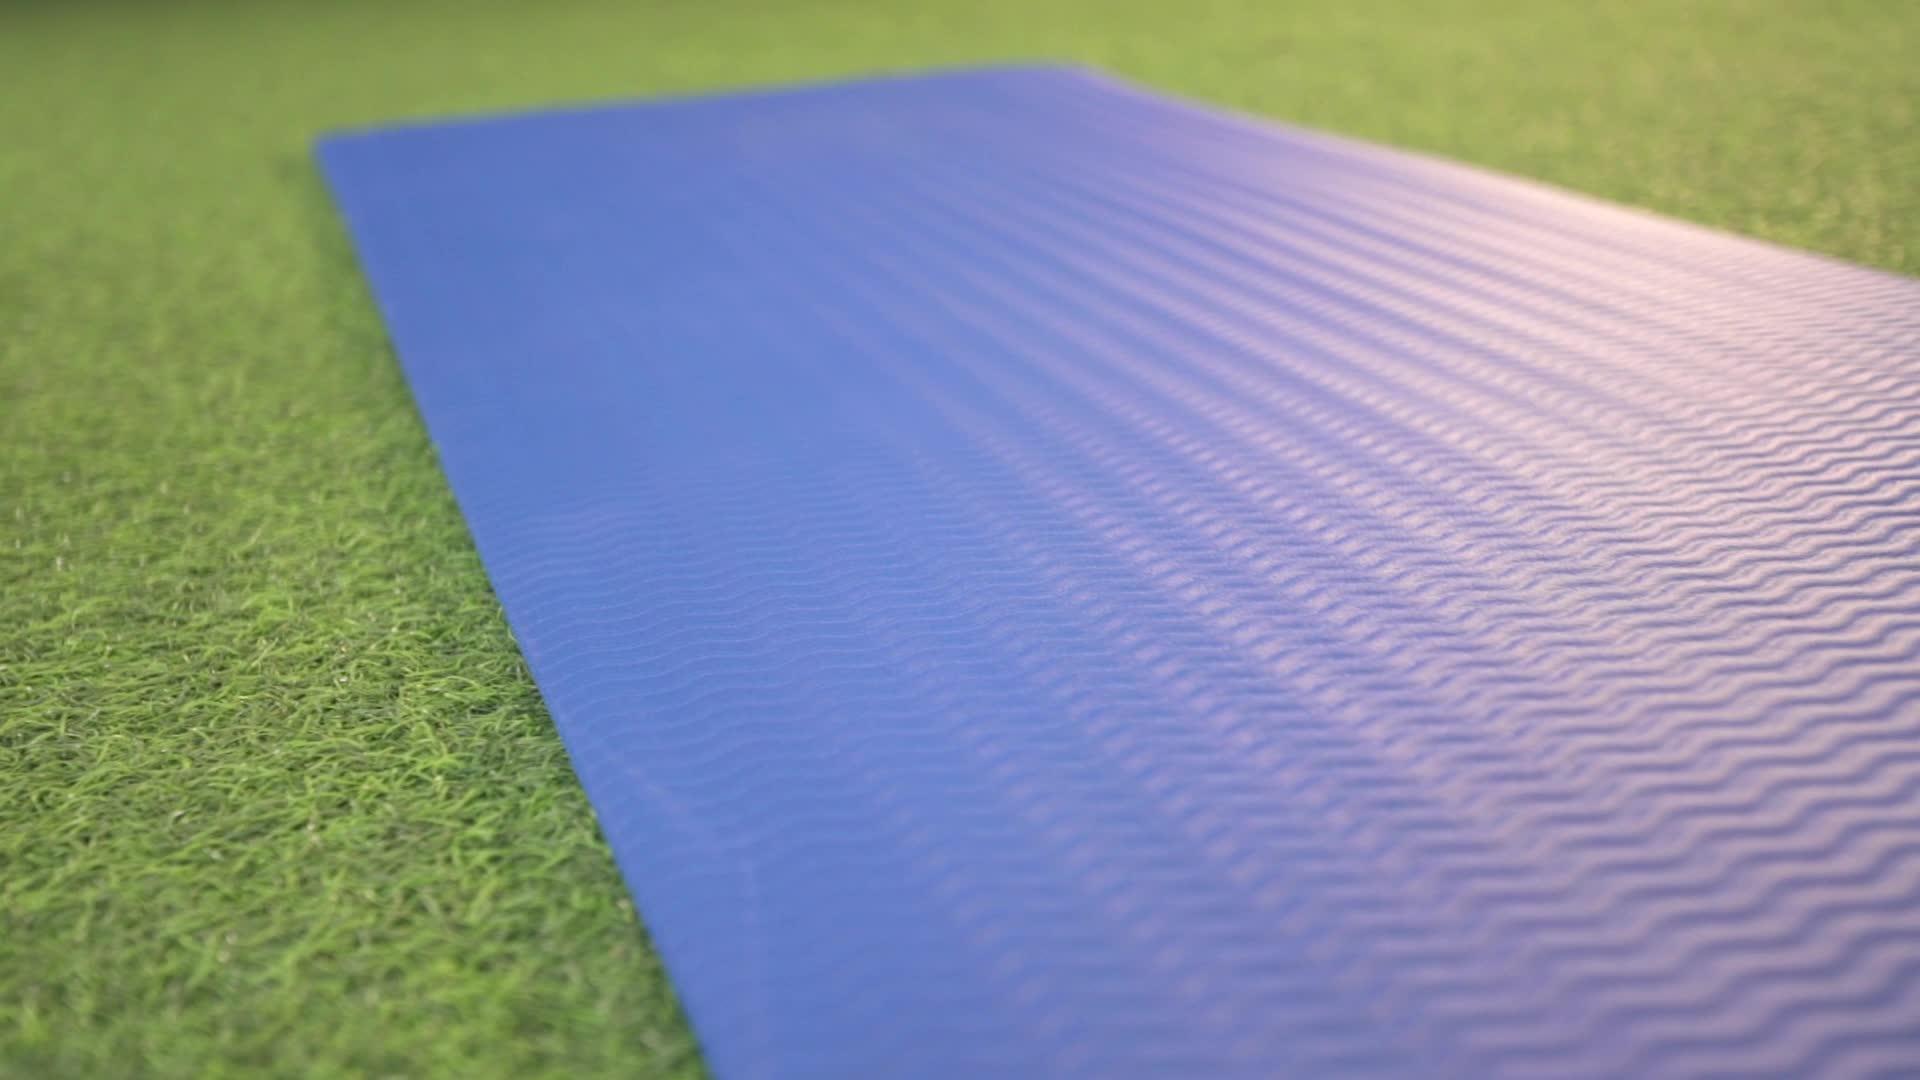 10mm Großhandel Anti Slip Extra Dicke Yoga-Matte